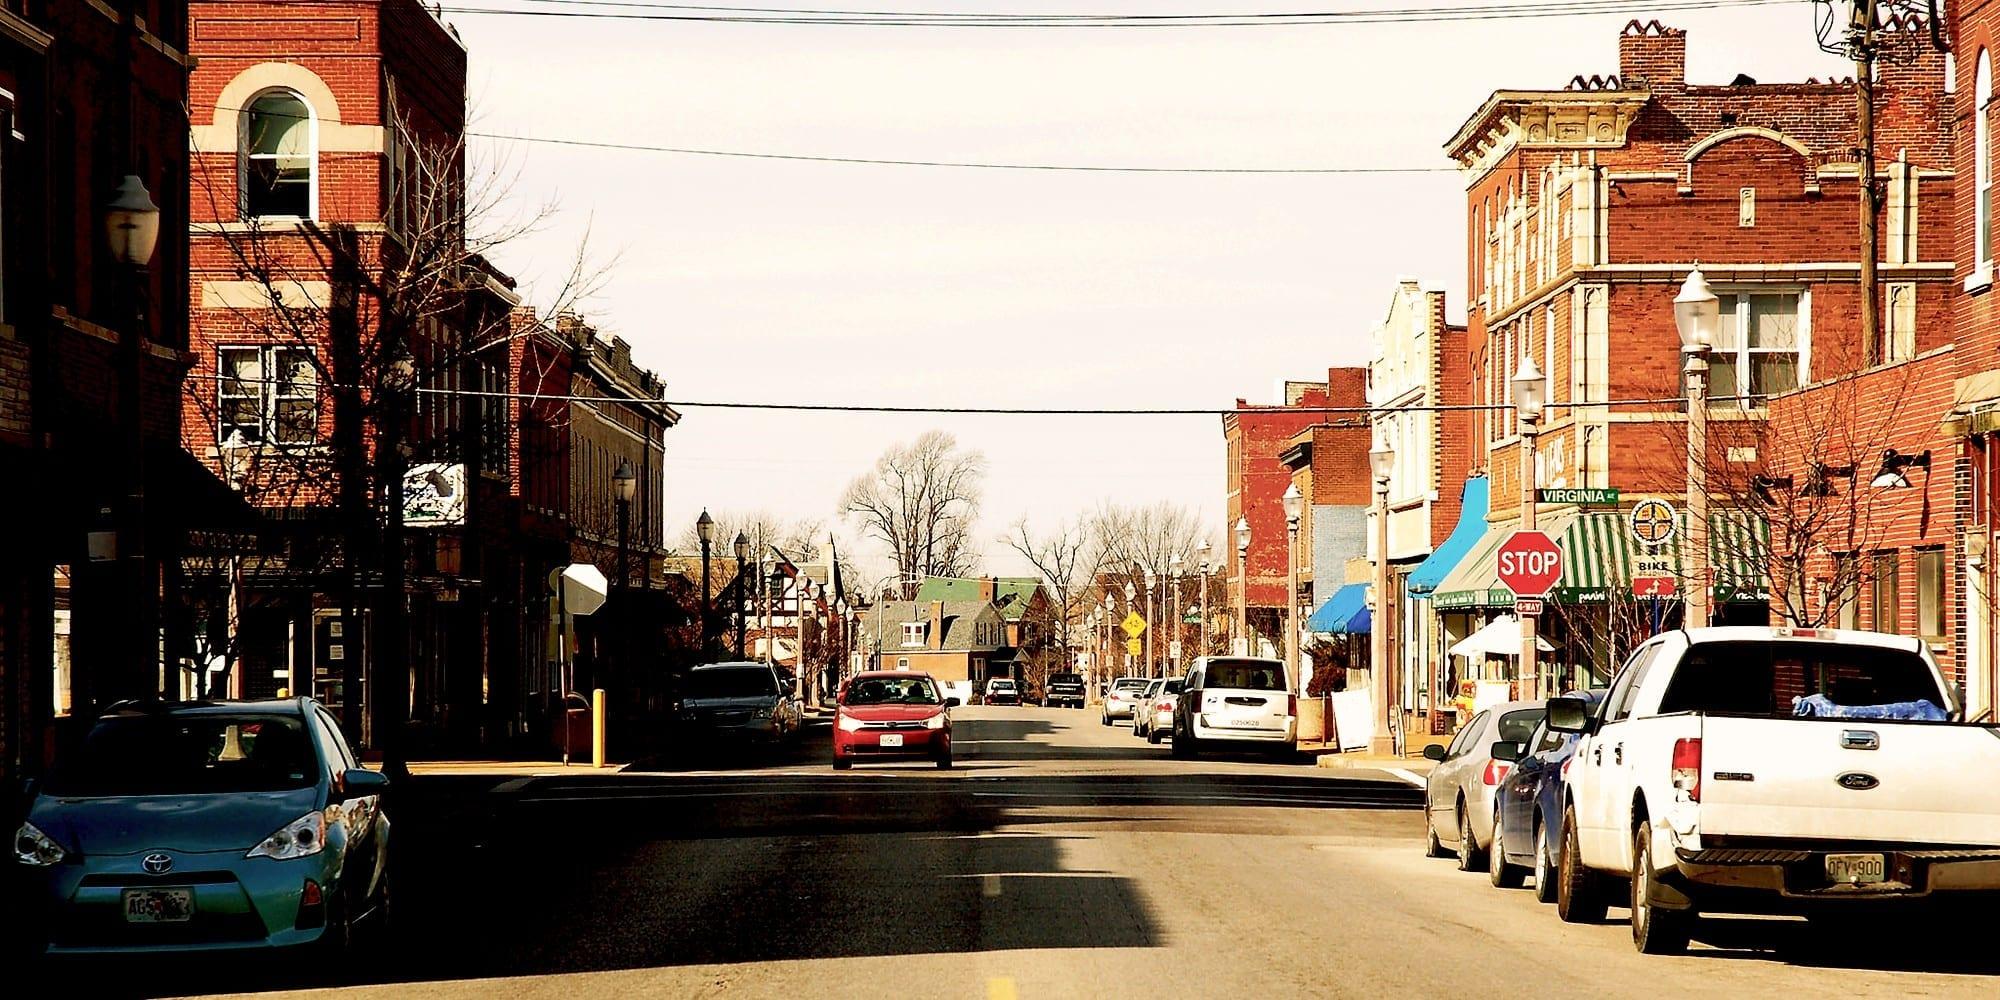 Meramec Street in Downtown Dutchtown.